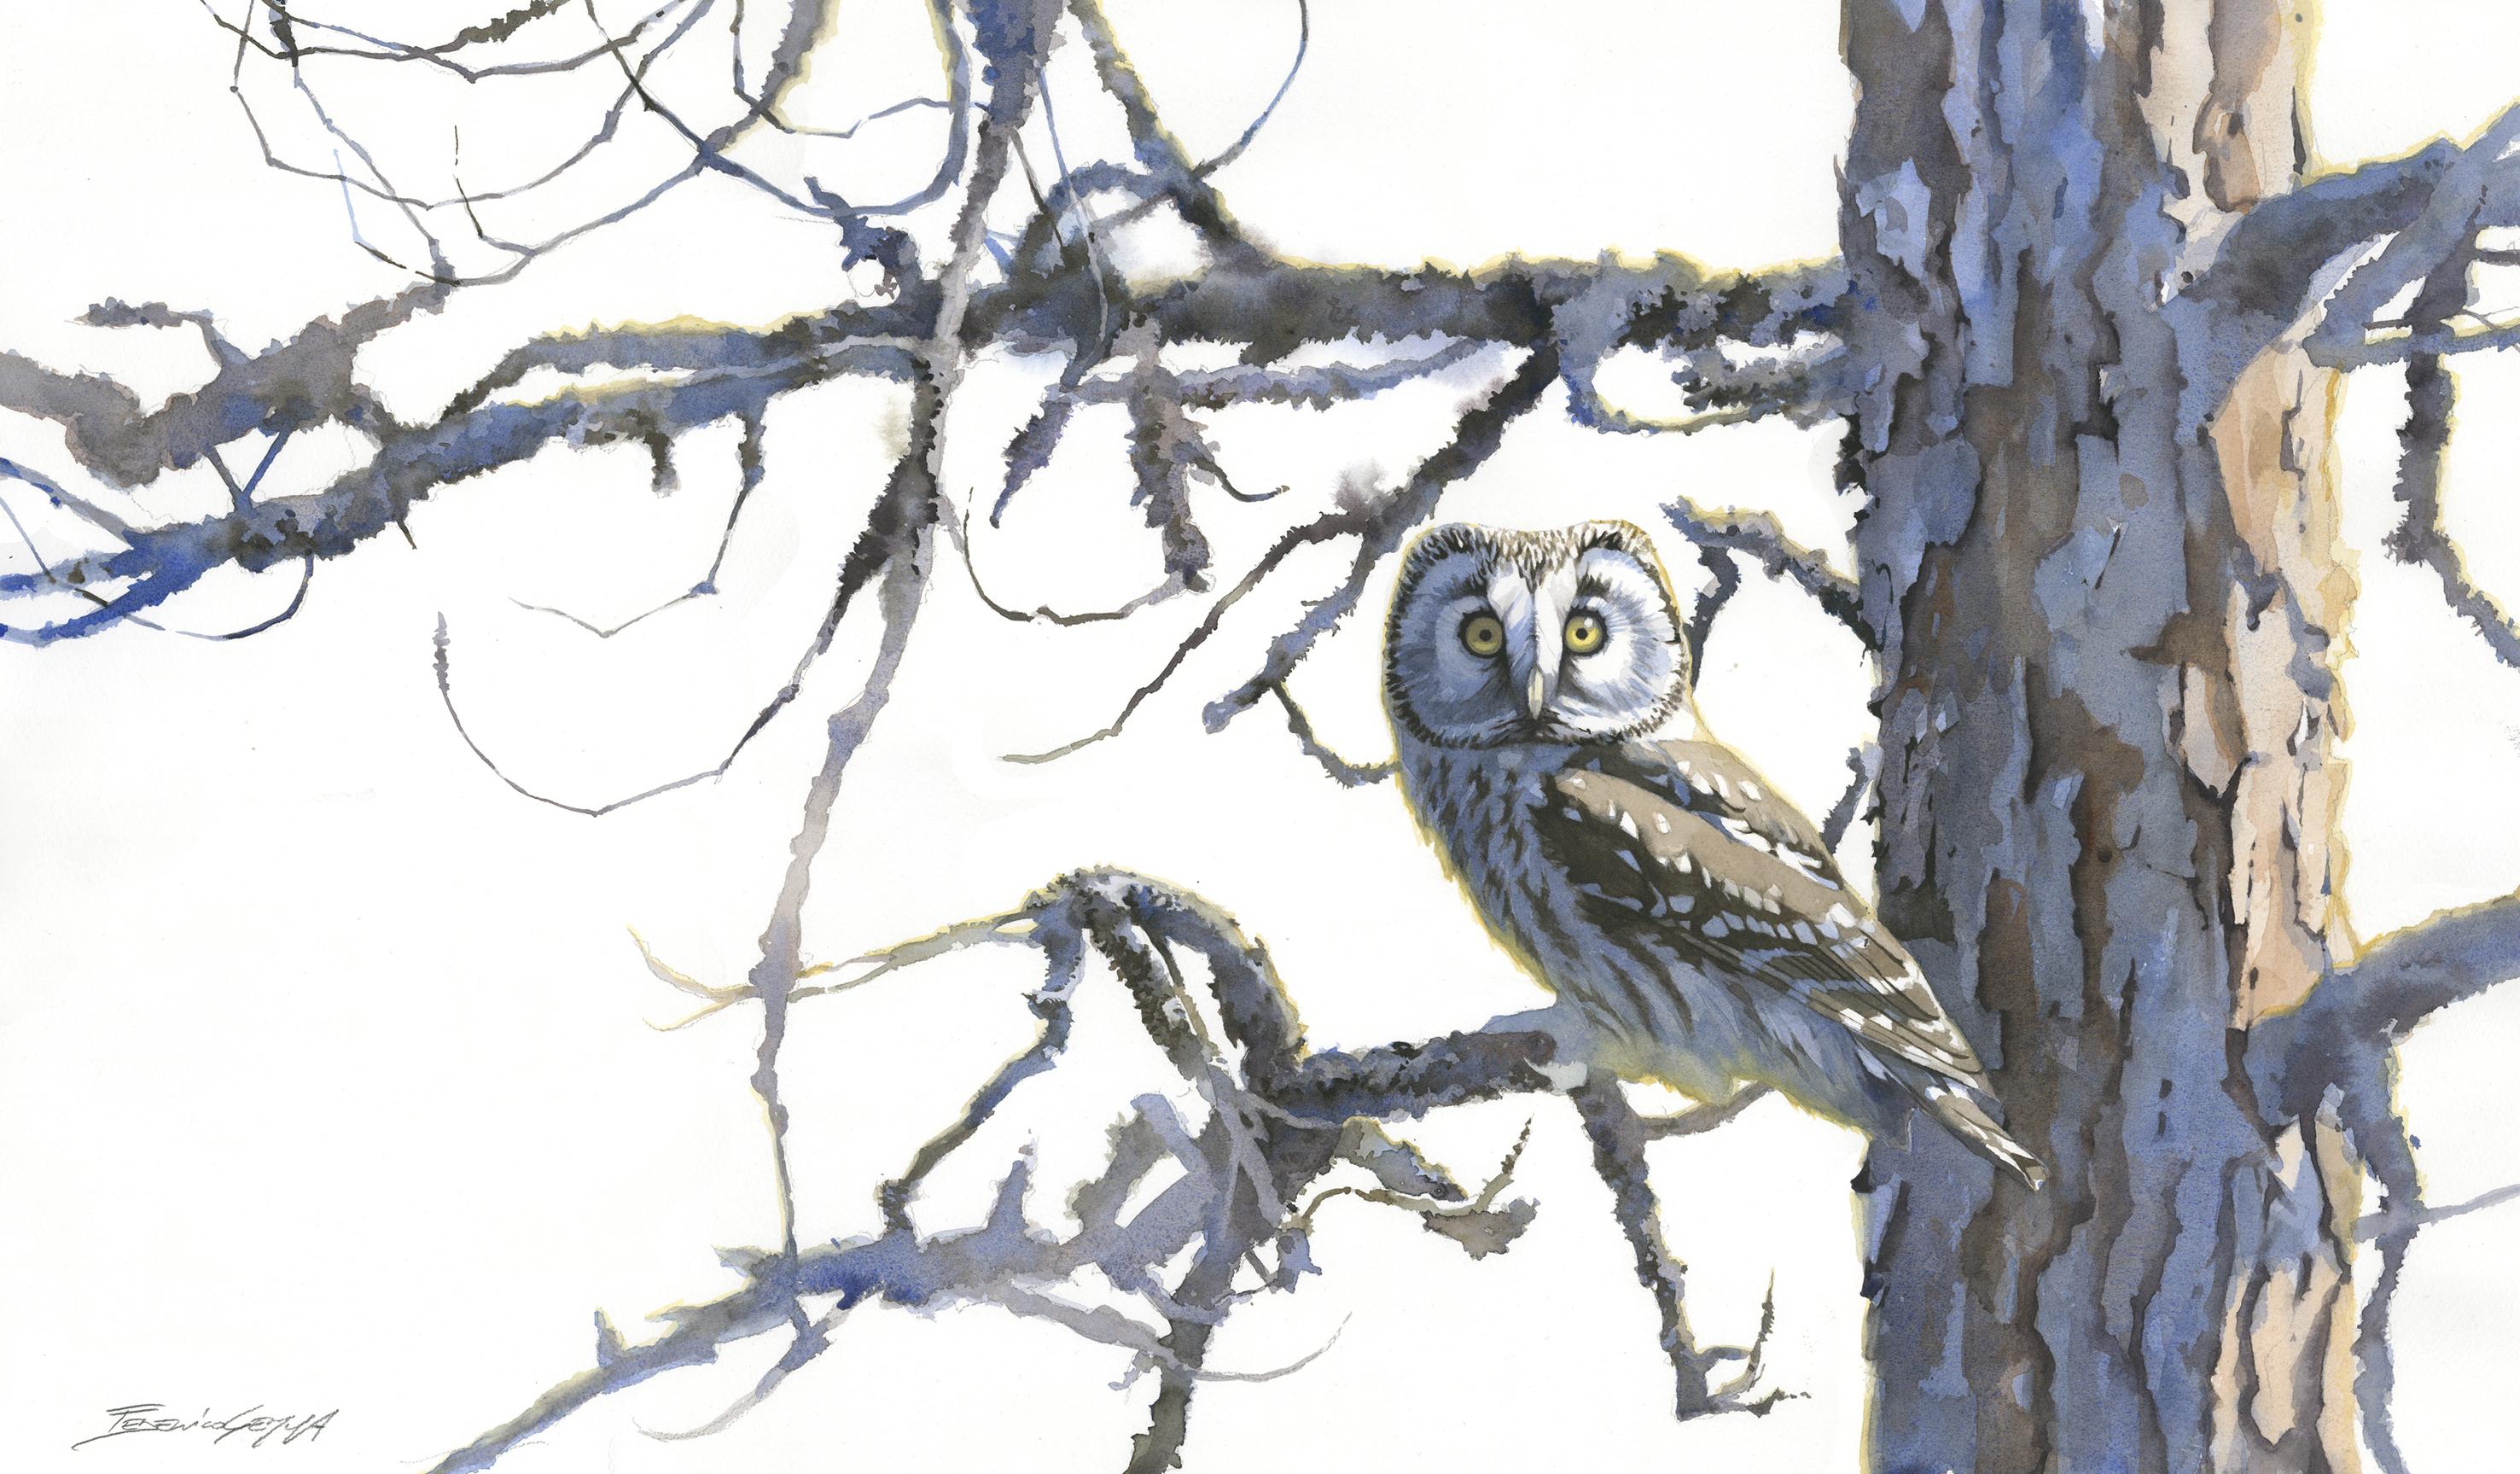 Tengmalm's Owl, Finland, Watercolour, 58 x 89 cm